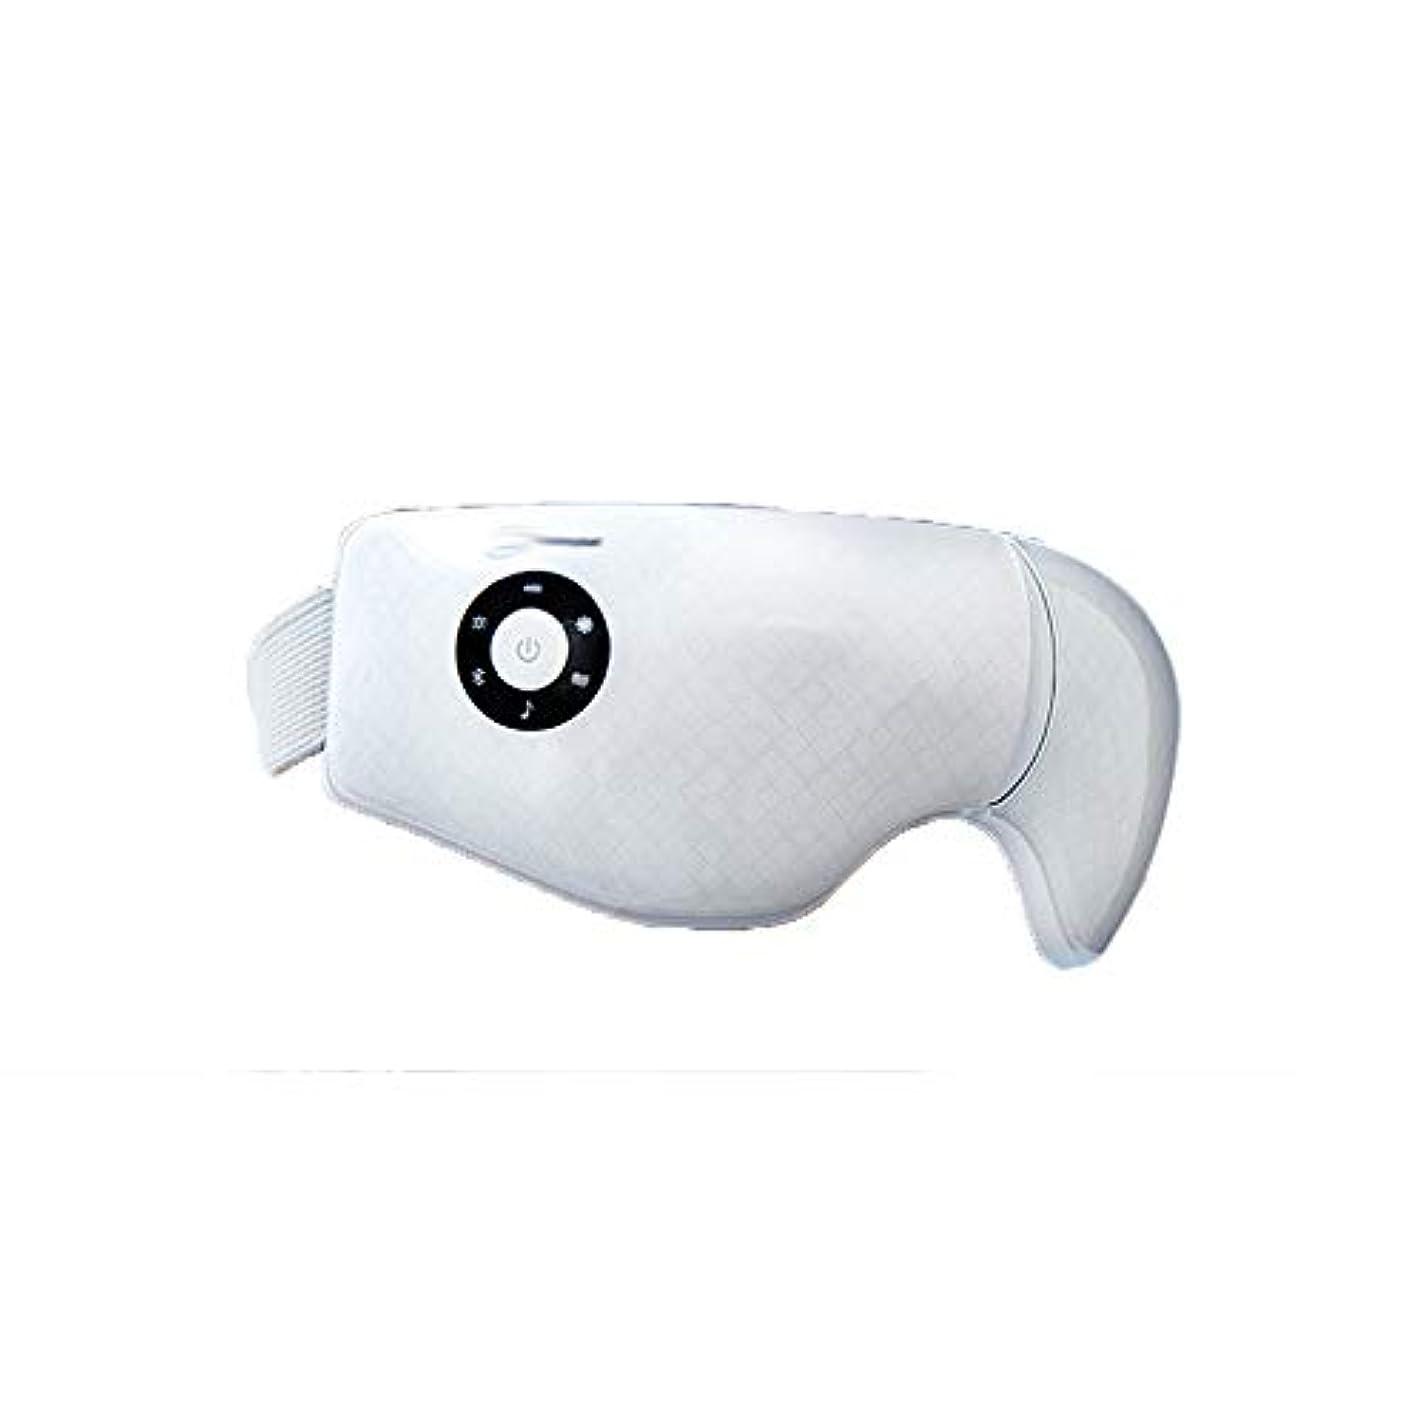 エスニック拡張戦闘マッサージャー - マッサージャーは、黒丸を回復するために近視をホット圧縮します (色 : 白)